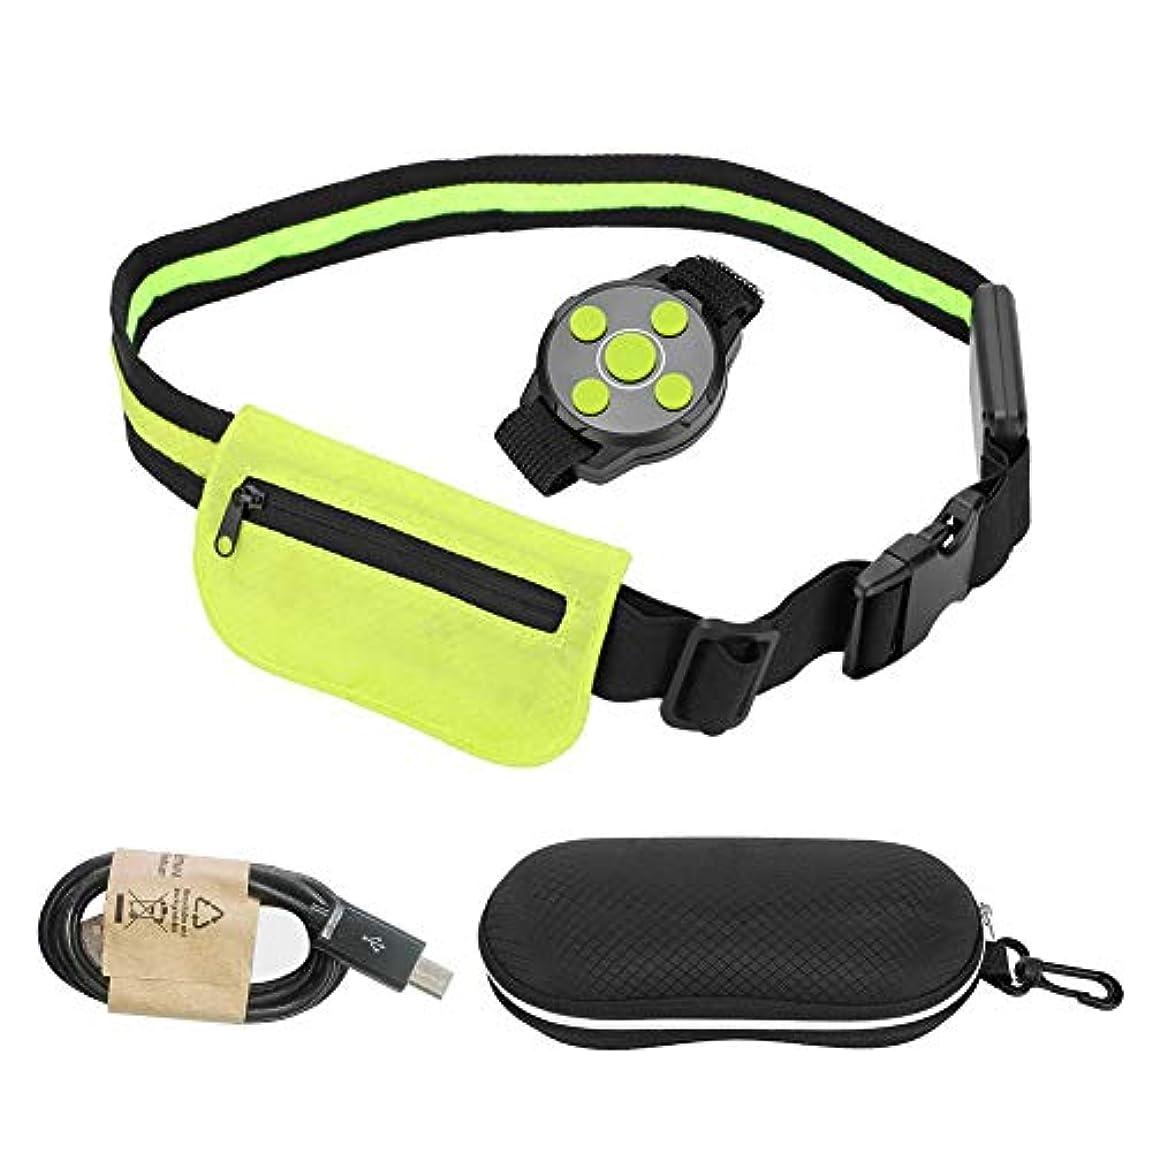 イライラする引き出し動員するAlomejor サイクリング LED 安全ベルト 高視認性 ライトアップ LED 反射 充電式 USB ランニング サイクリング 安全ベルト バッグ付き